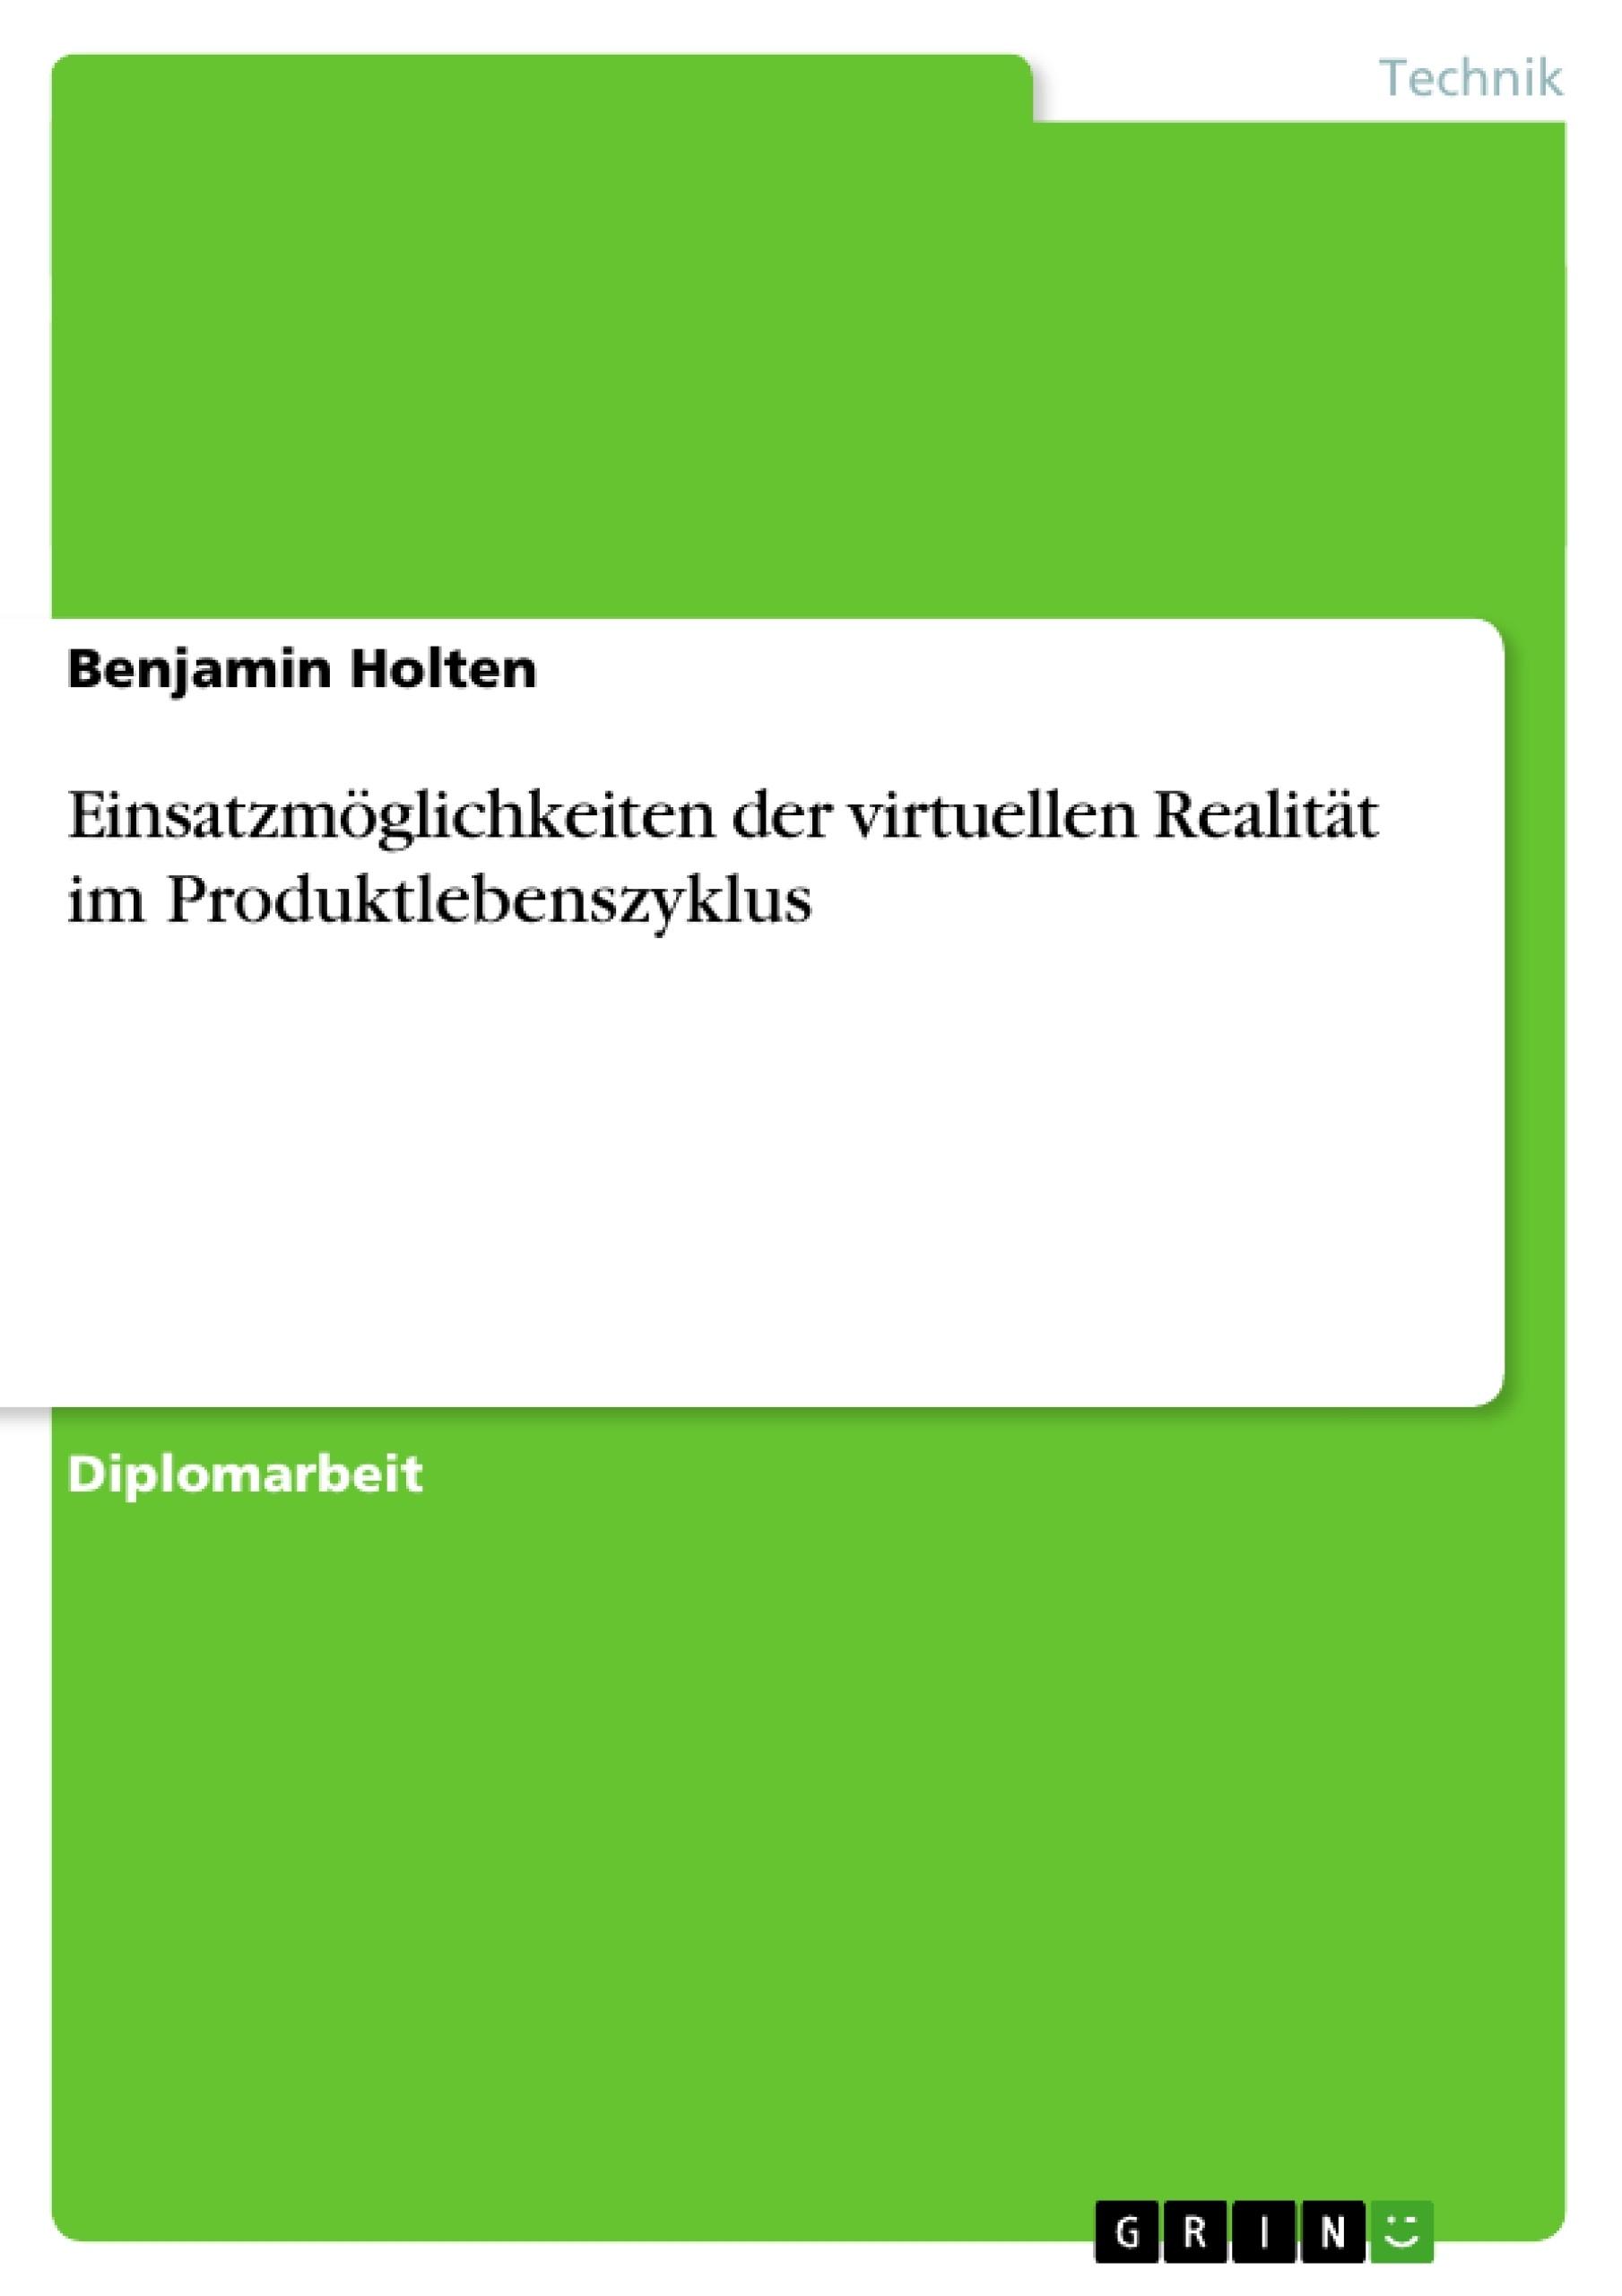 Titel: Einsatzmöglichkeiten der virtuellen Realität im Produktlebenszyklus